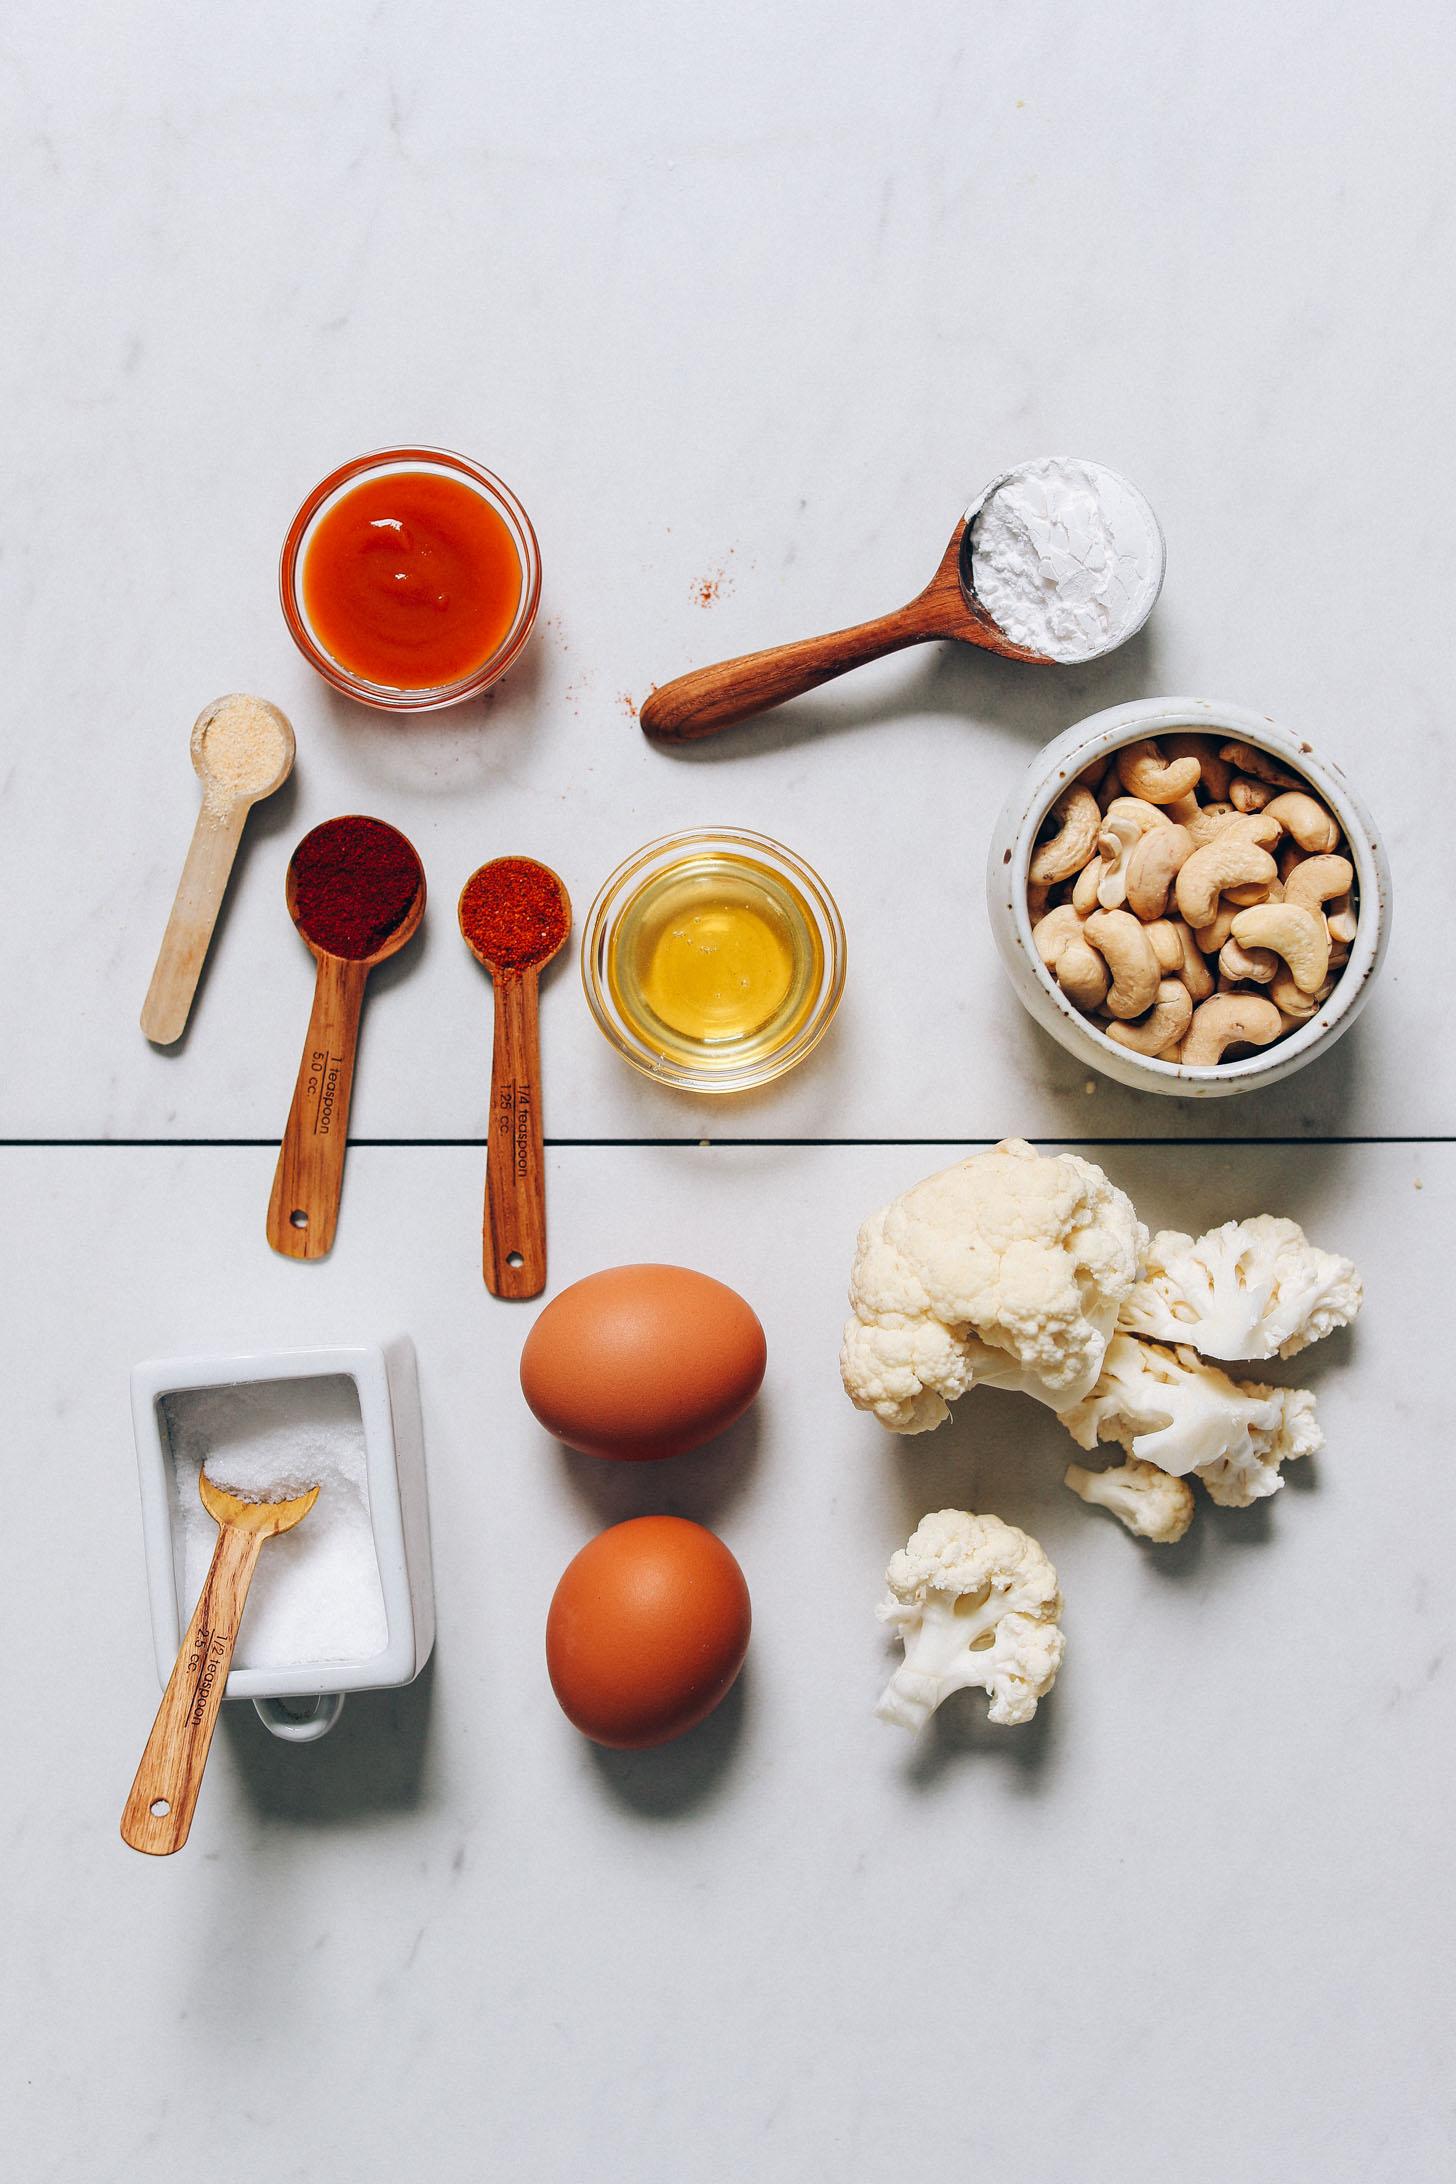 Blumenkohl, Cashewnüsse, Eier, Honig, scharfe Soße und andere Zutaten für unser Rezept für knusprig panierten Blumenkohl